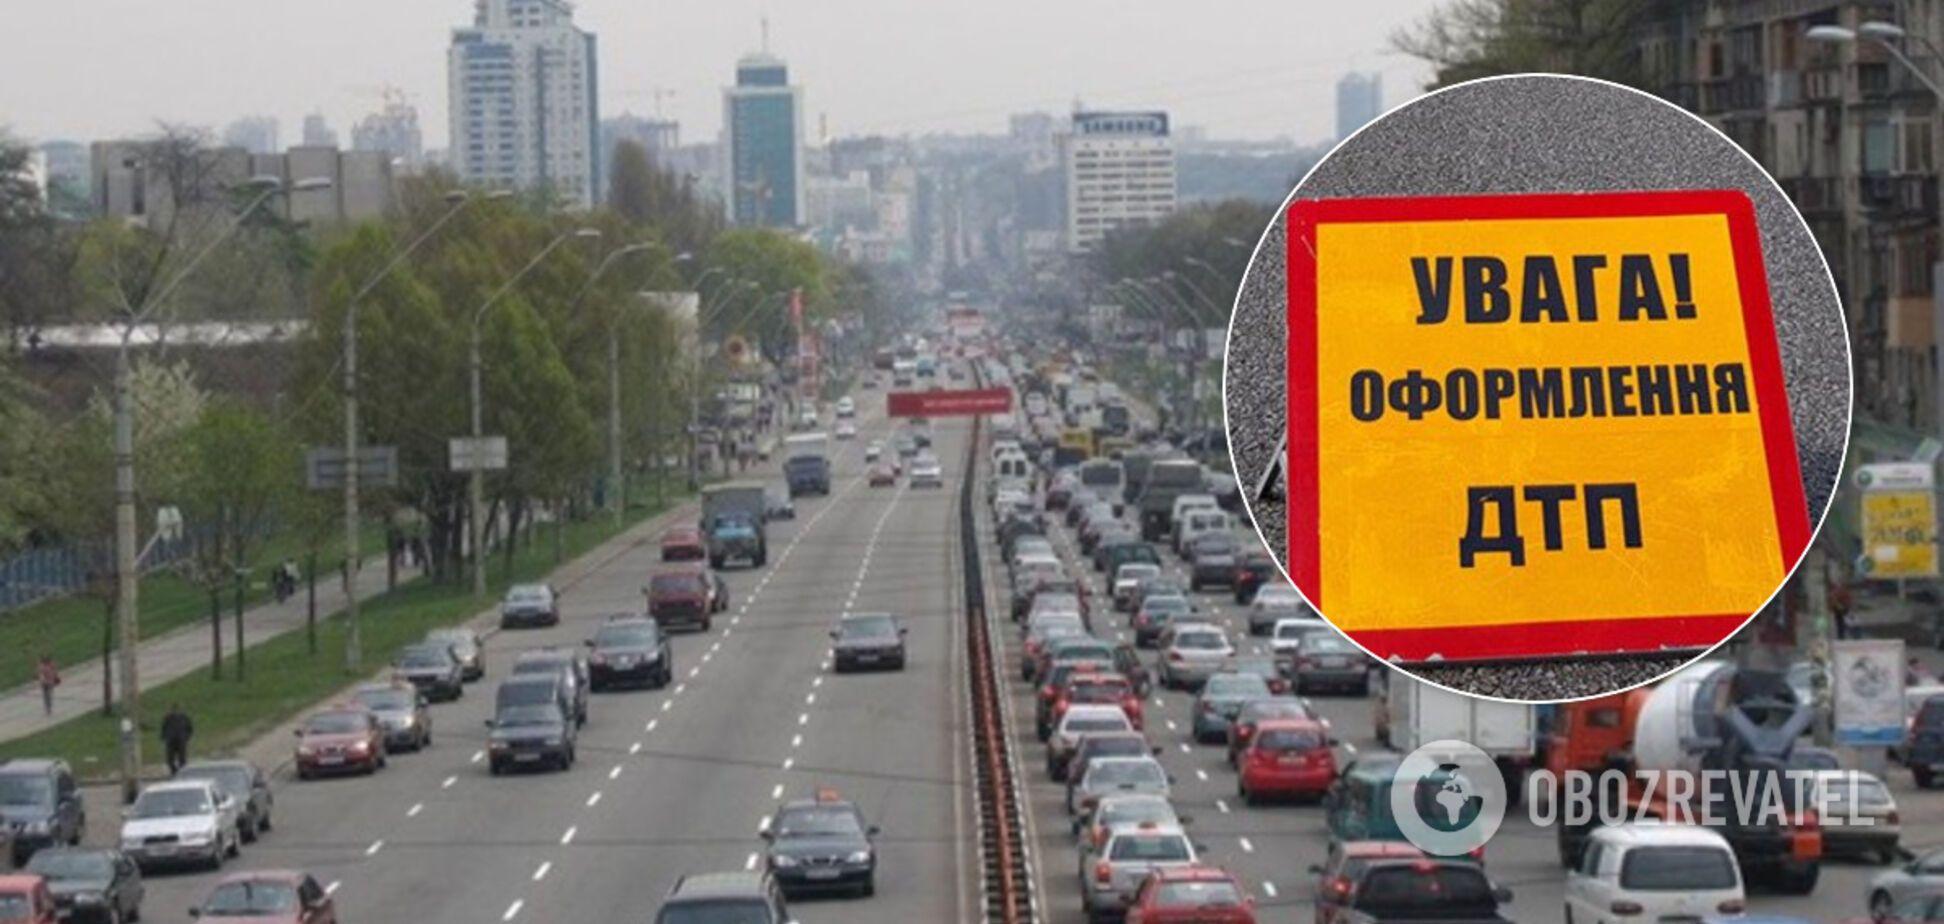 Появилось видео, сделанное накануне страшного ДТП в Киеве: водитель вылетел из авто